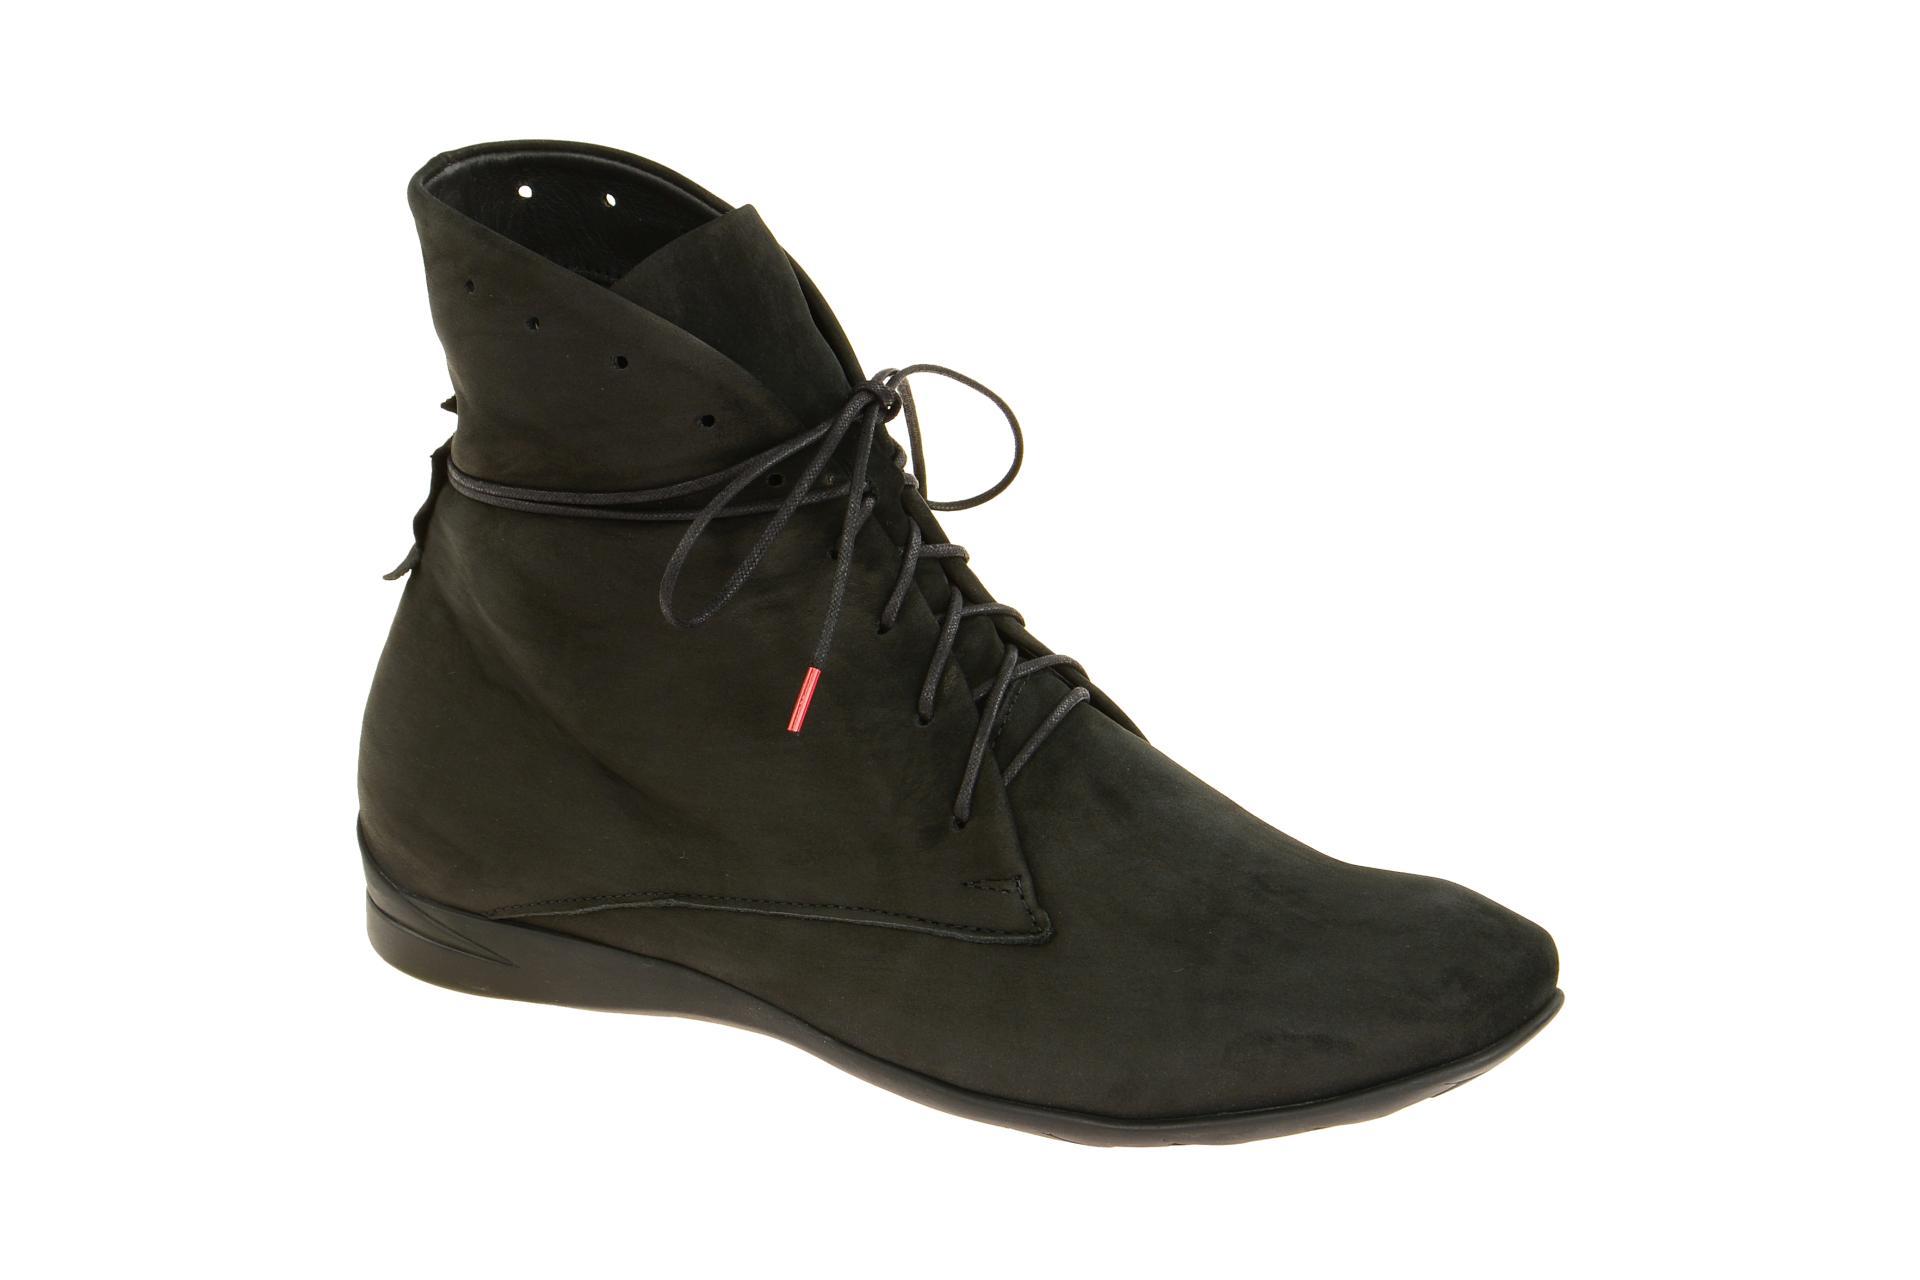 Viel Spaß beim Einkaufen Damen schwarz WUNDA Schuhe Think